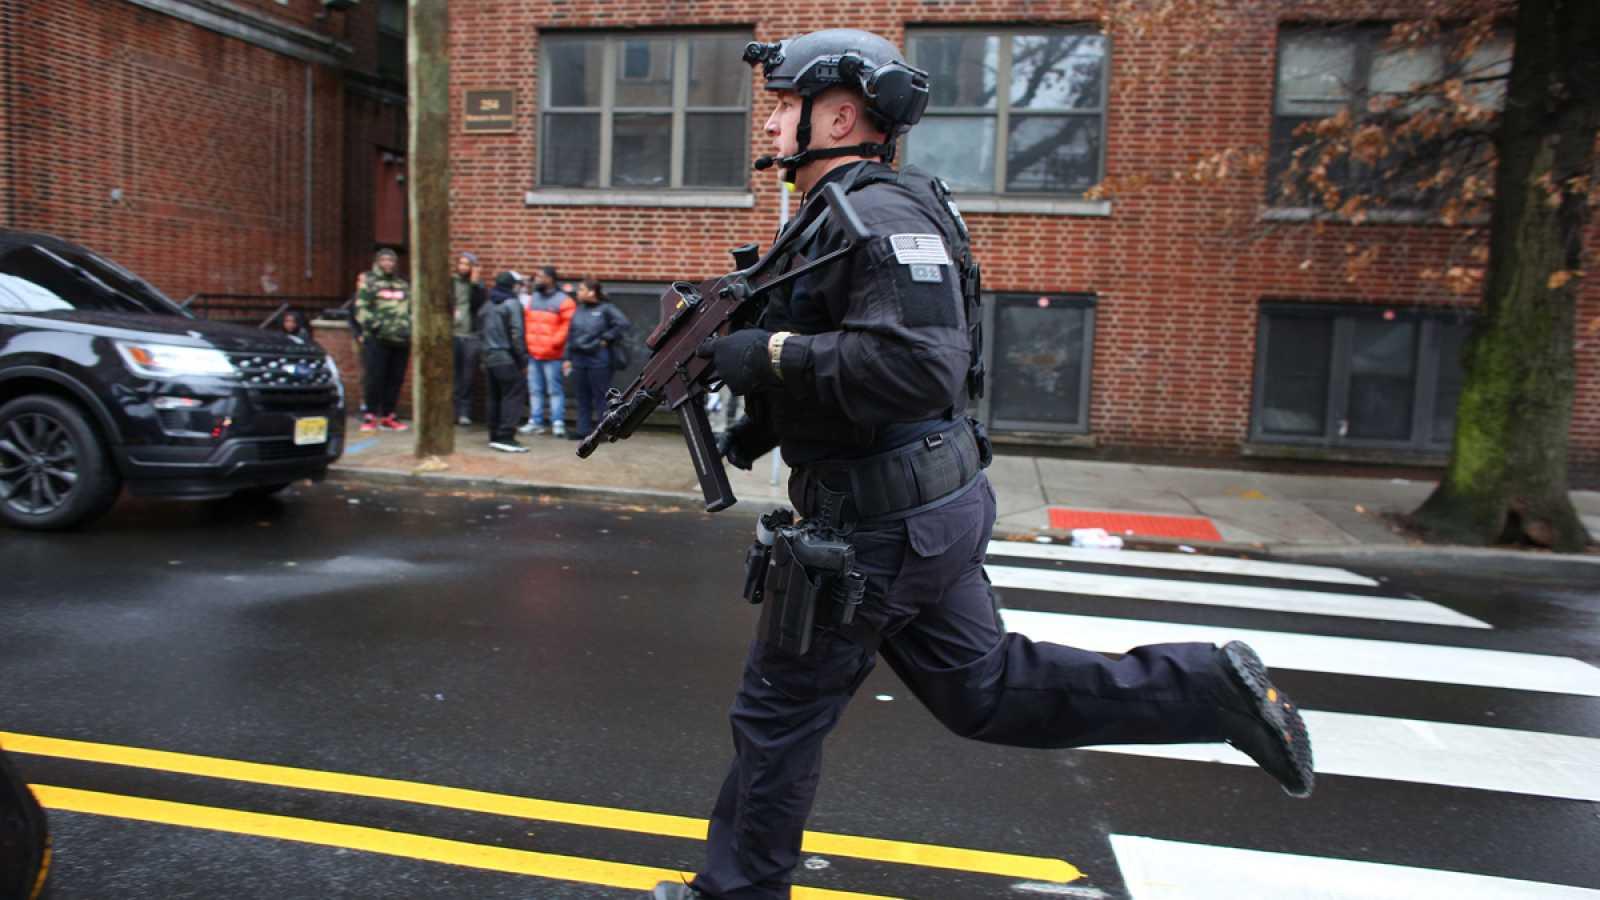 Un policía llega a donde se ha producido el tiroteo en Nueva Jersey, en Estados Unidos